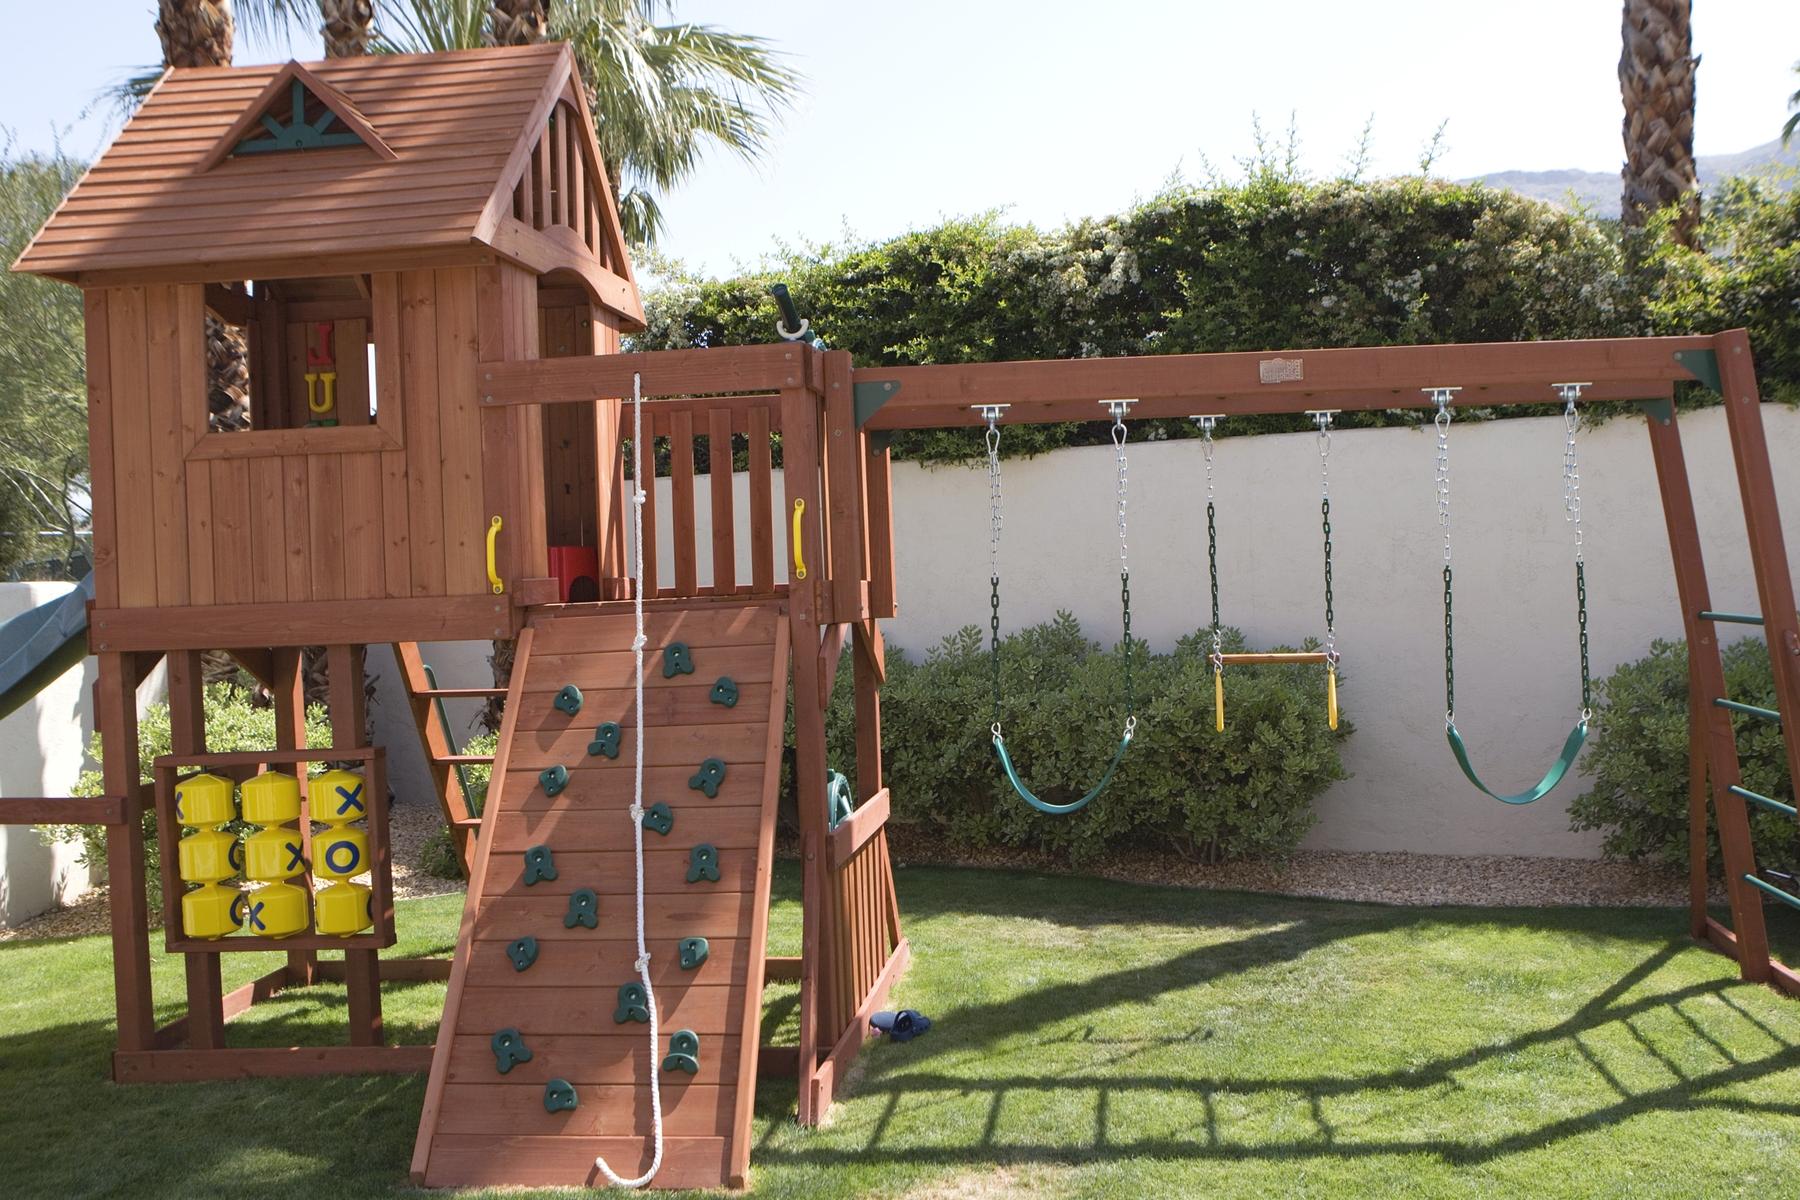 Full Size of Spielturm Bauhaus Test Testsieger 2020 Vergleich Kaufratgeber Fenster Kinderspielturm Garten Wohnzimmer Spielturm Bauhaus